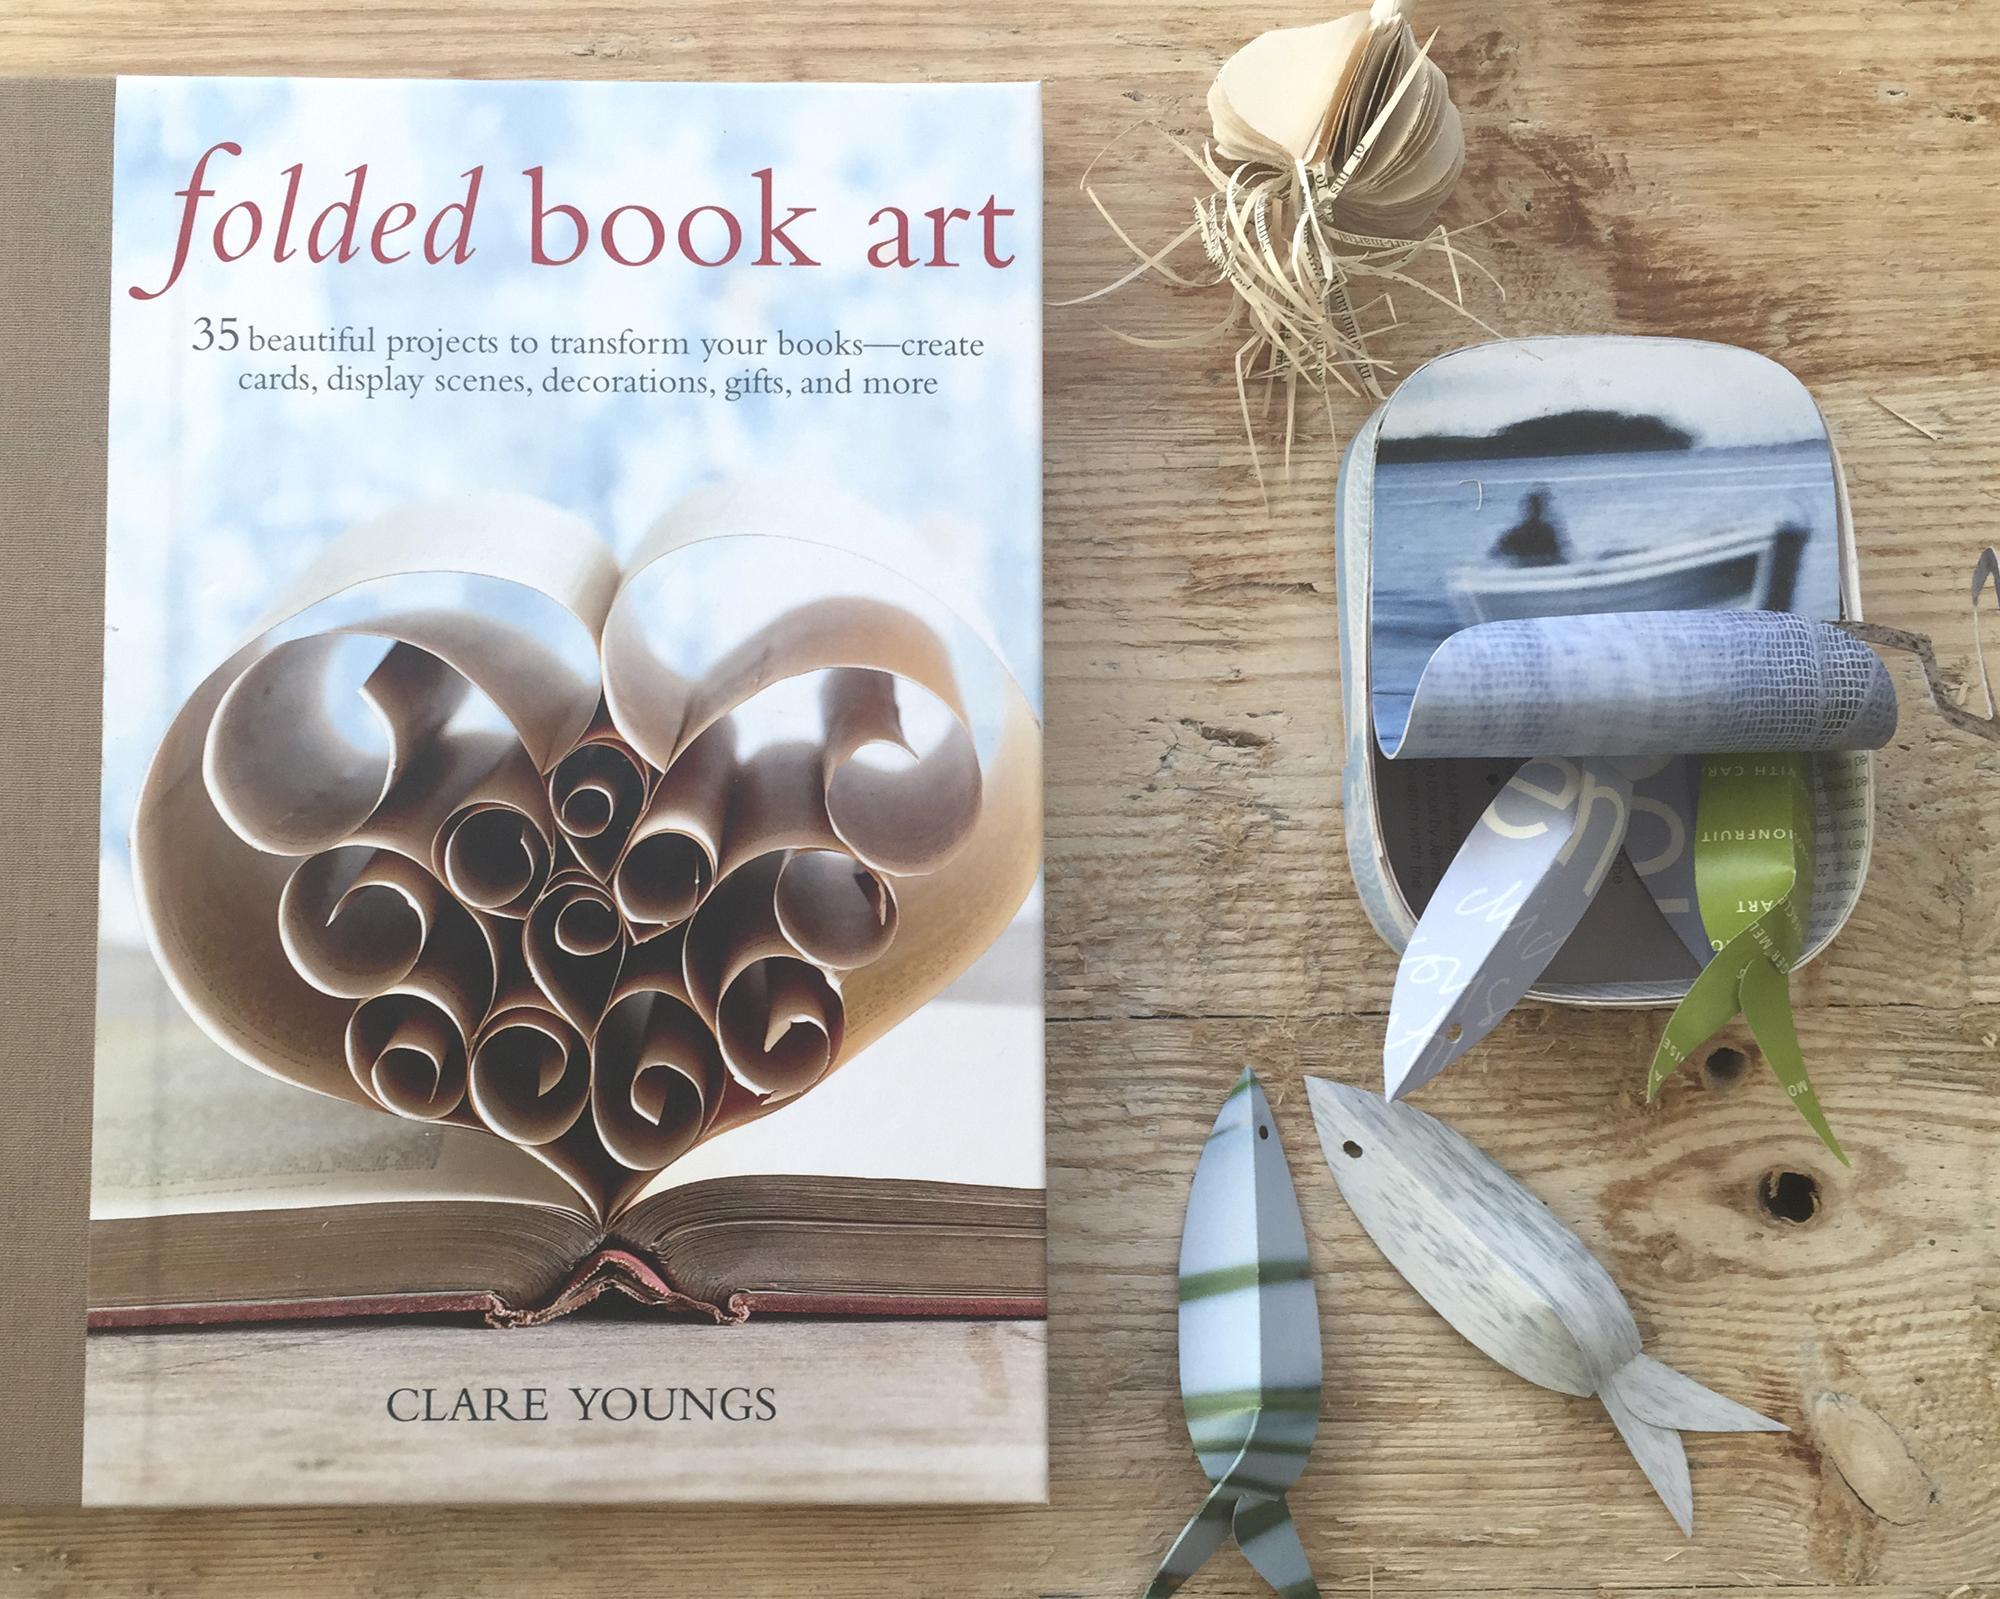 folded book art cover.jpg